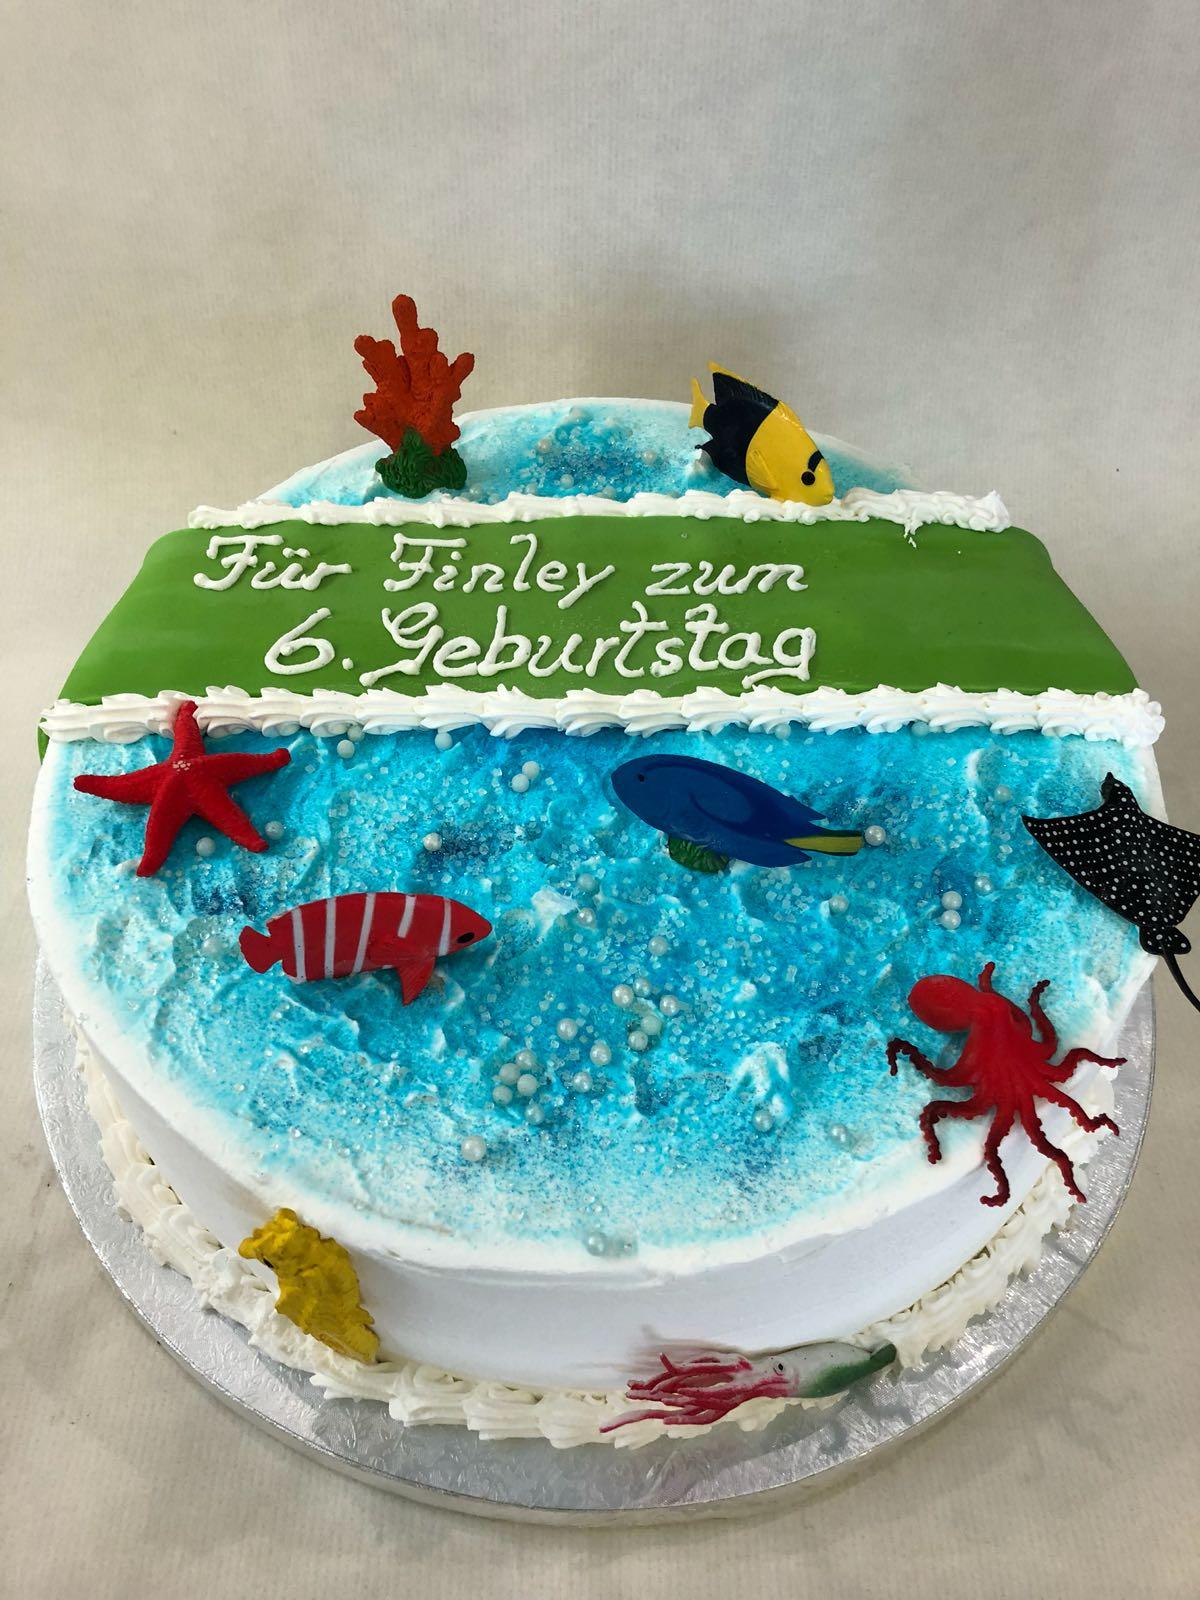 Alles gute zum Geburtstag  Eistorte  Eistorten Shop